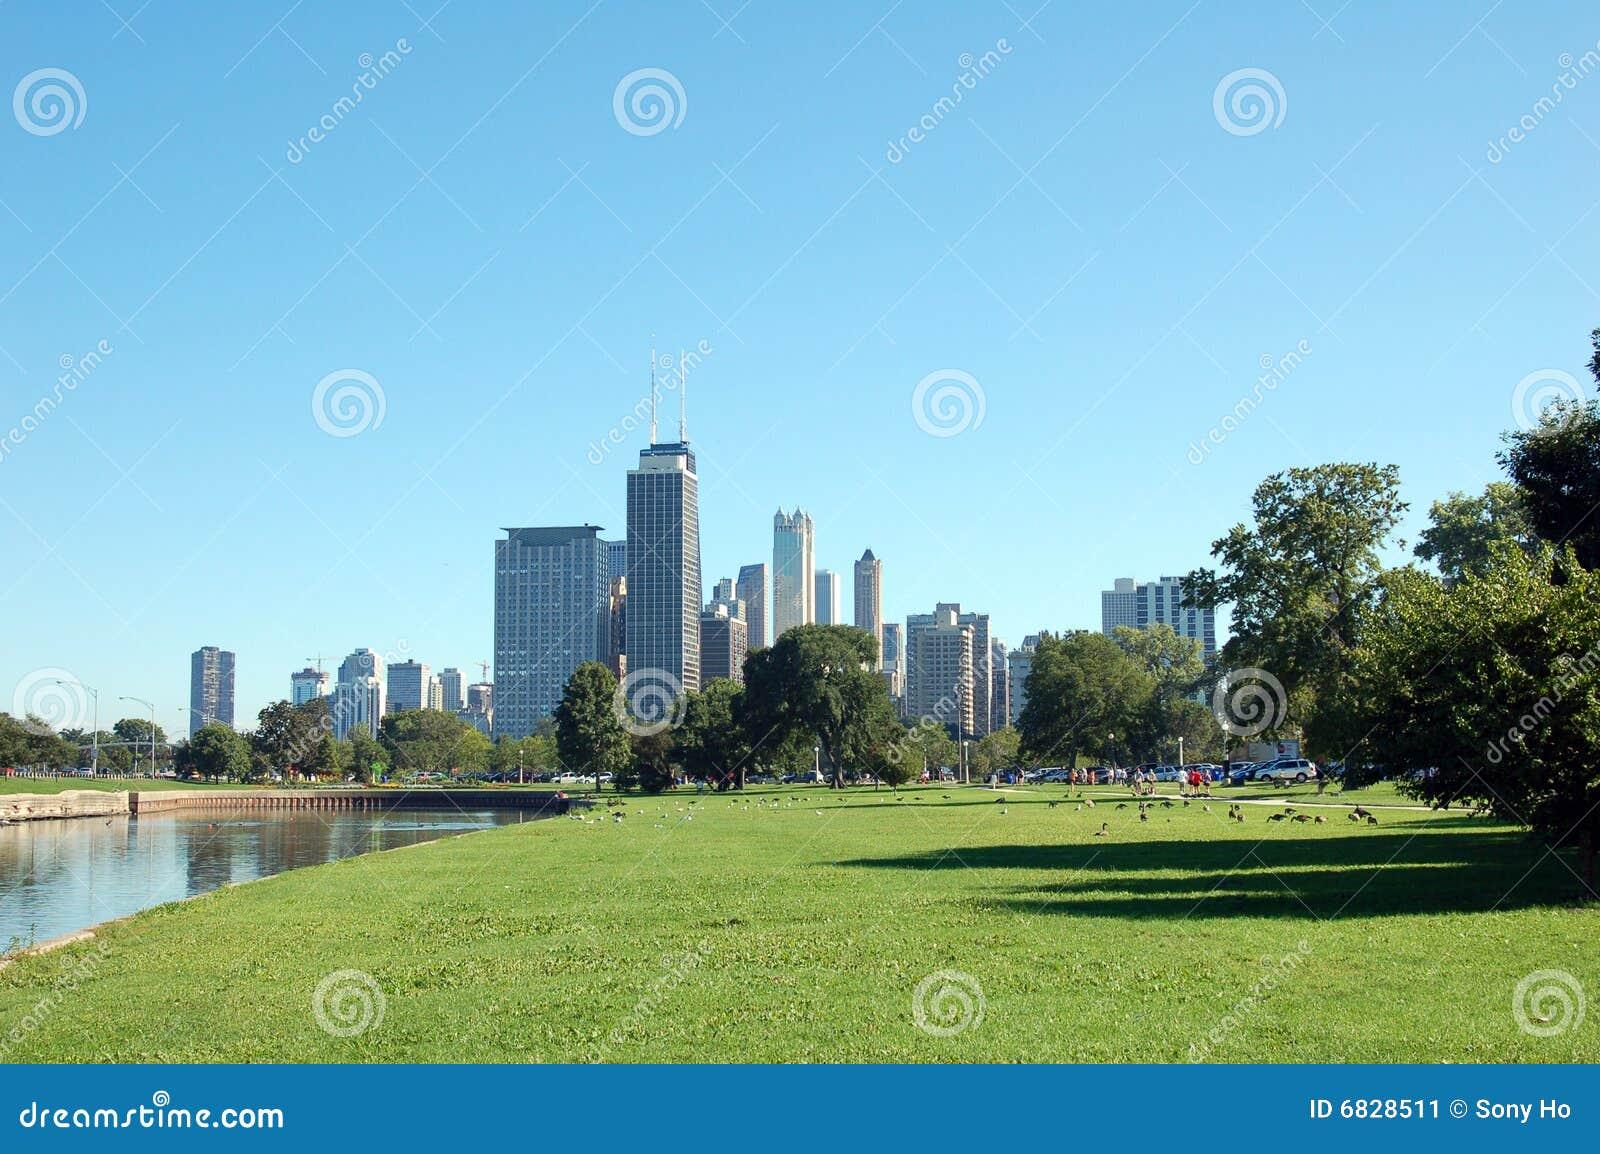 Chicago landscape stock image image 6828511 for Chicago landscape